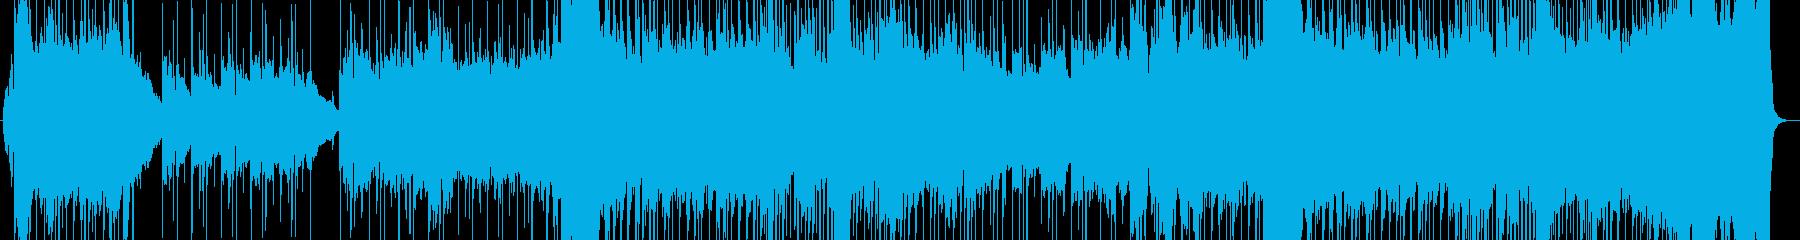 クラシック。オーケストラ。メロディ...の再生済みの波形